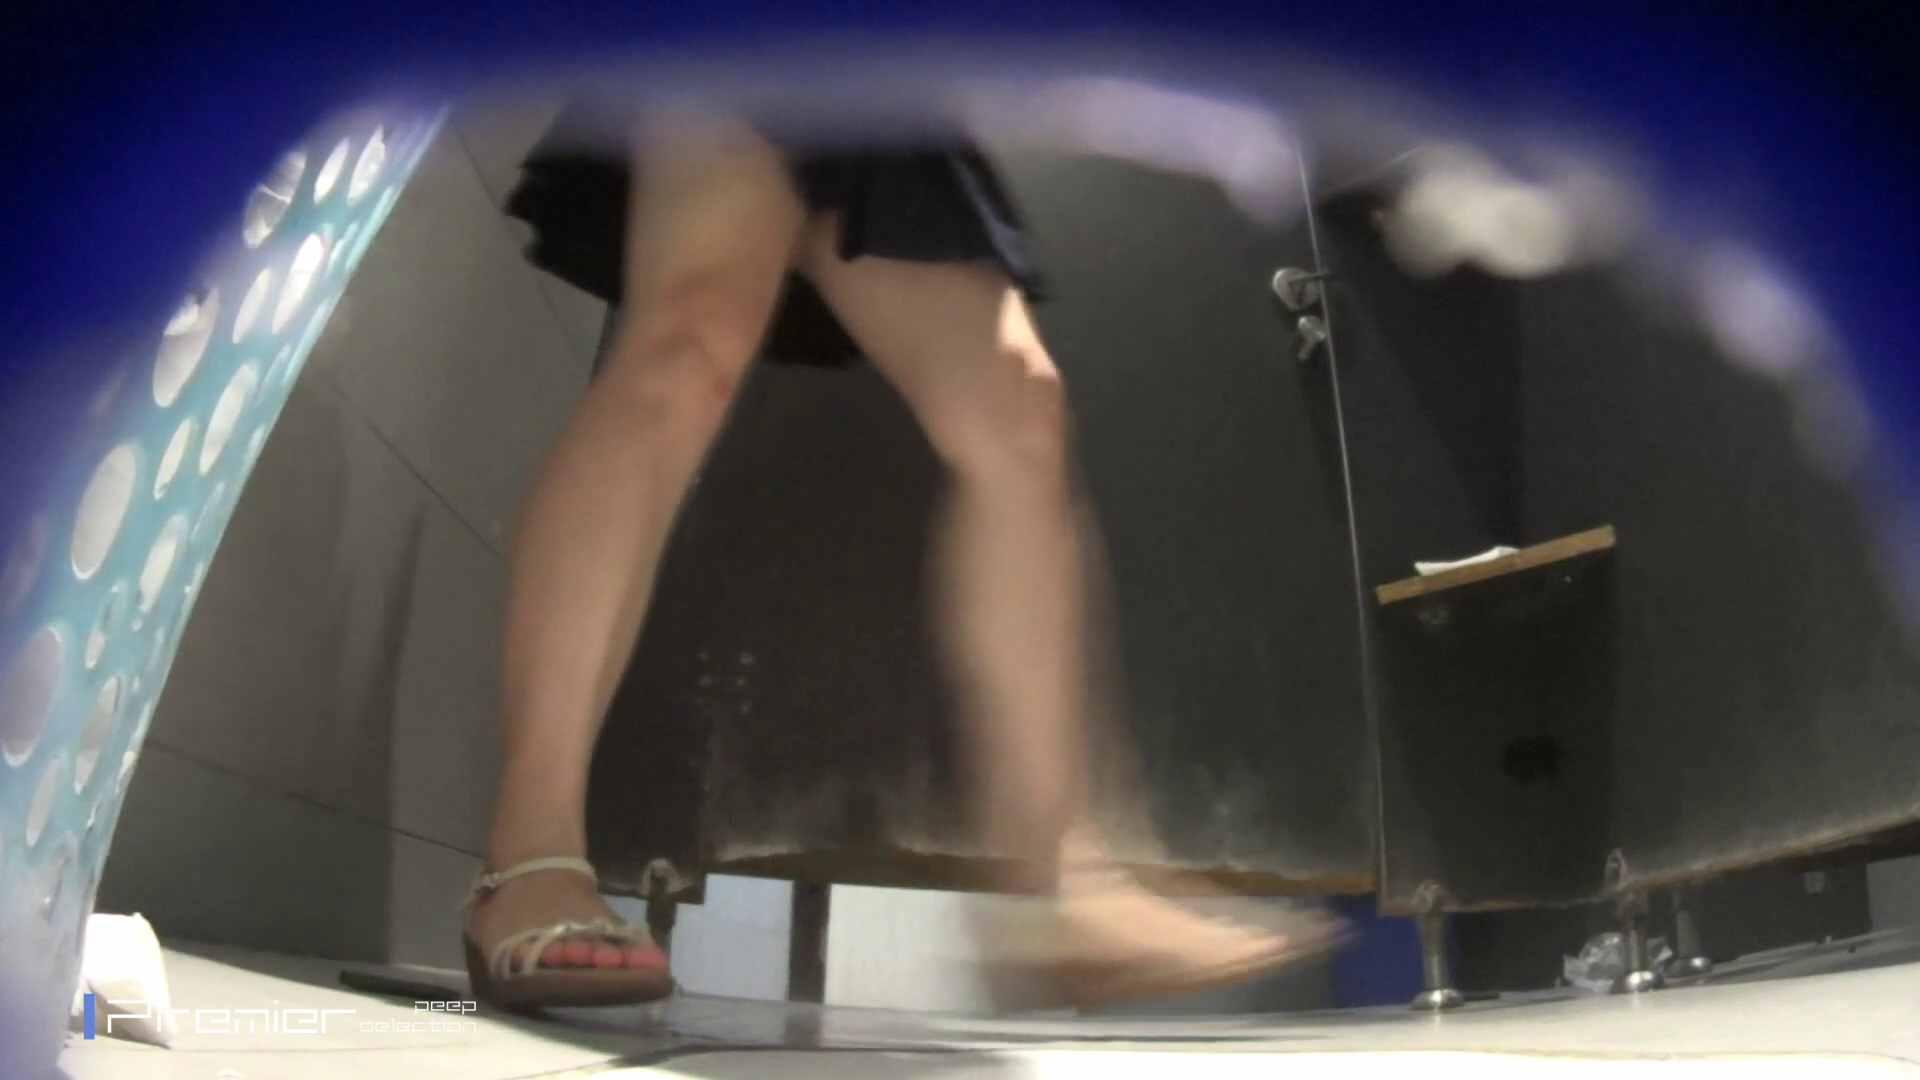 ポッチャリ好きは必見!大学休憩時間の洗面所事情66 美肌 AV無料動画キャプチャ 53画像 16